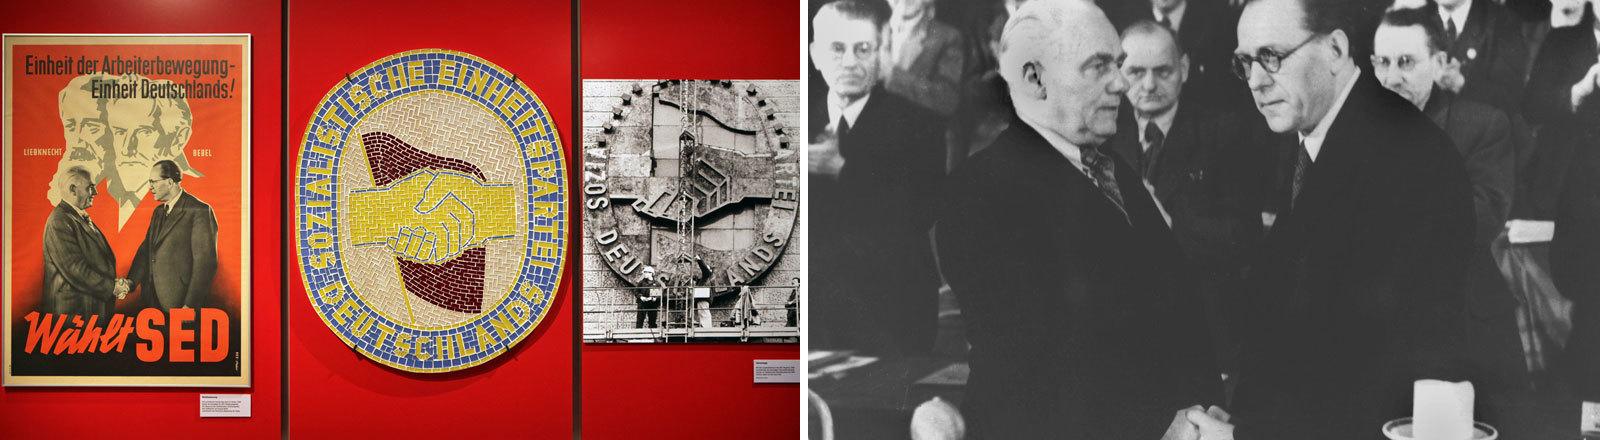 Verschiedene Devotionalien und ein Foto zeigen den symbolischen Handschlag zwischen Wilhelm Pieck und Otto Grotewohl zur Gründung der SED (Solzialistische Einheitspartei Deutschlands)